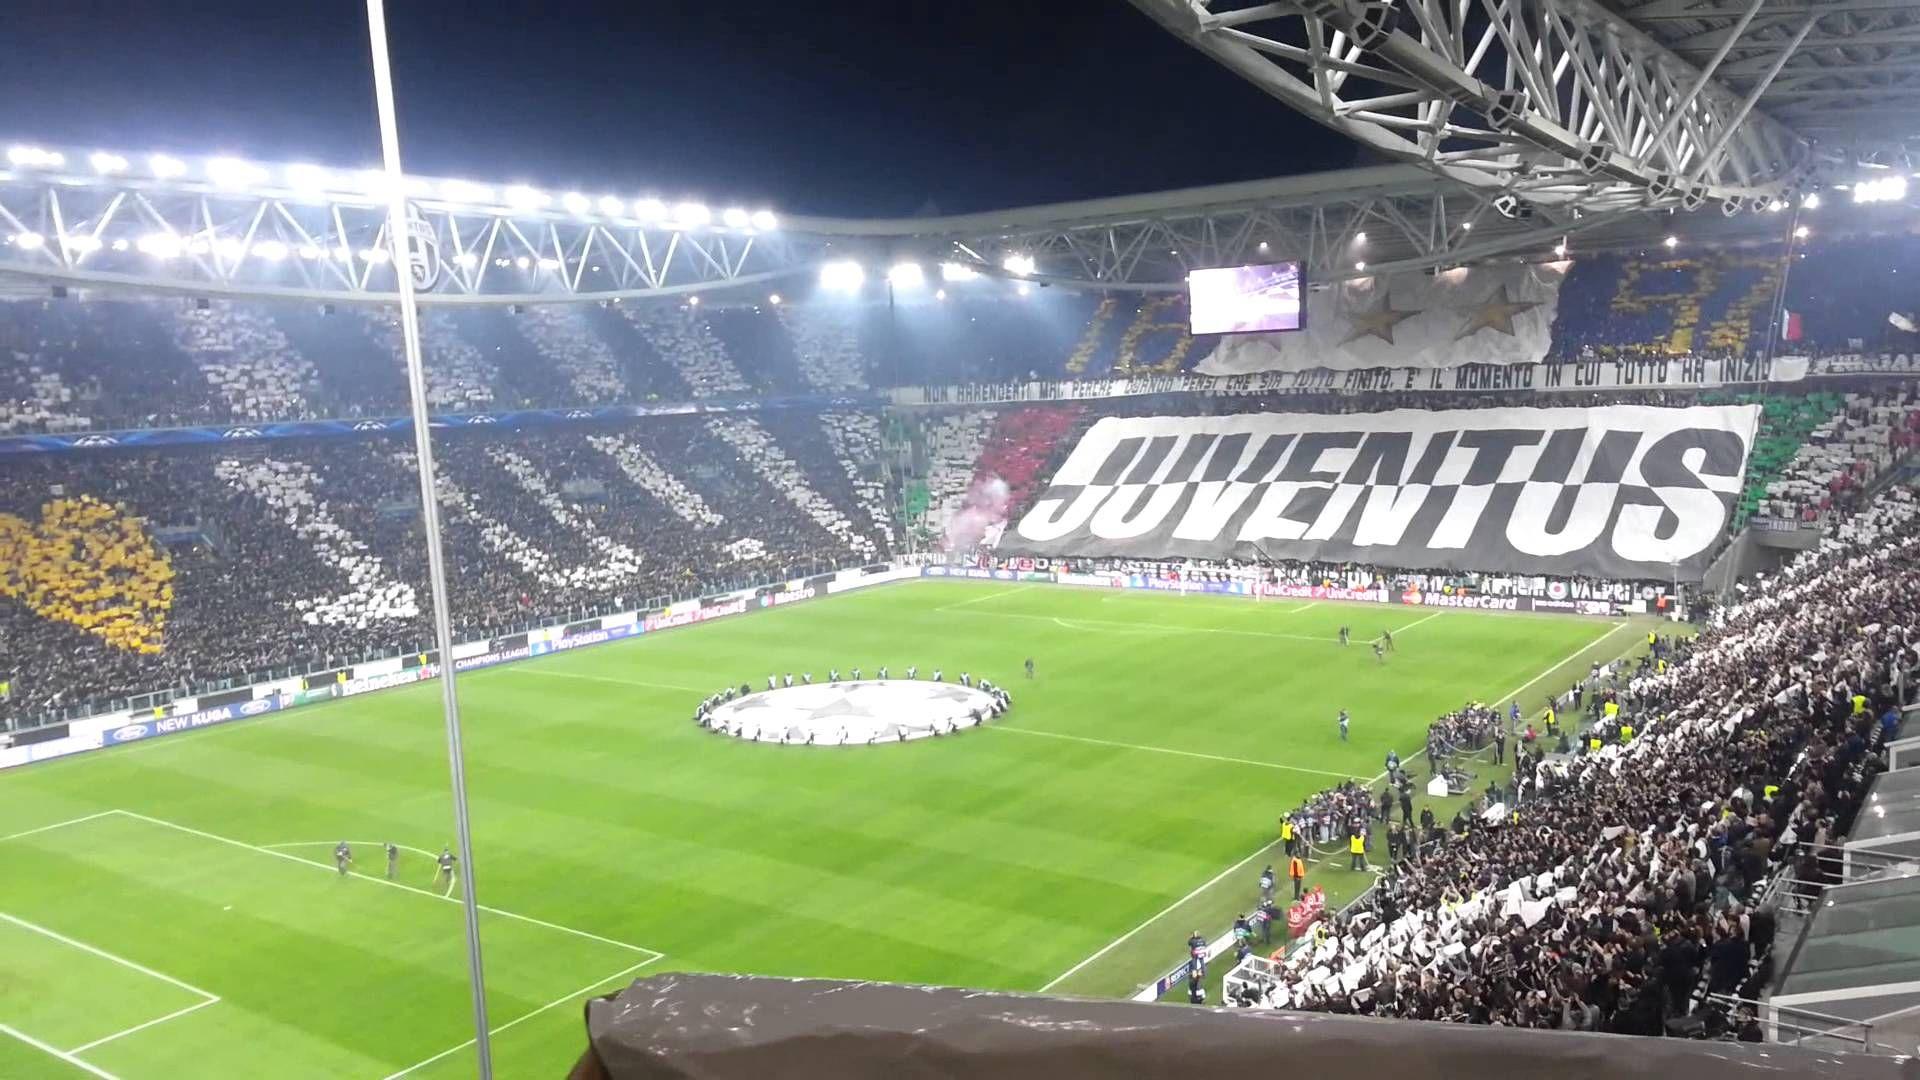 Juventus Stadium Juventus Torino Italy Juventus Stadium Juventus Juventus Wallpapers